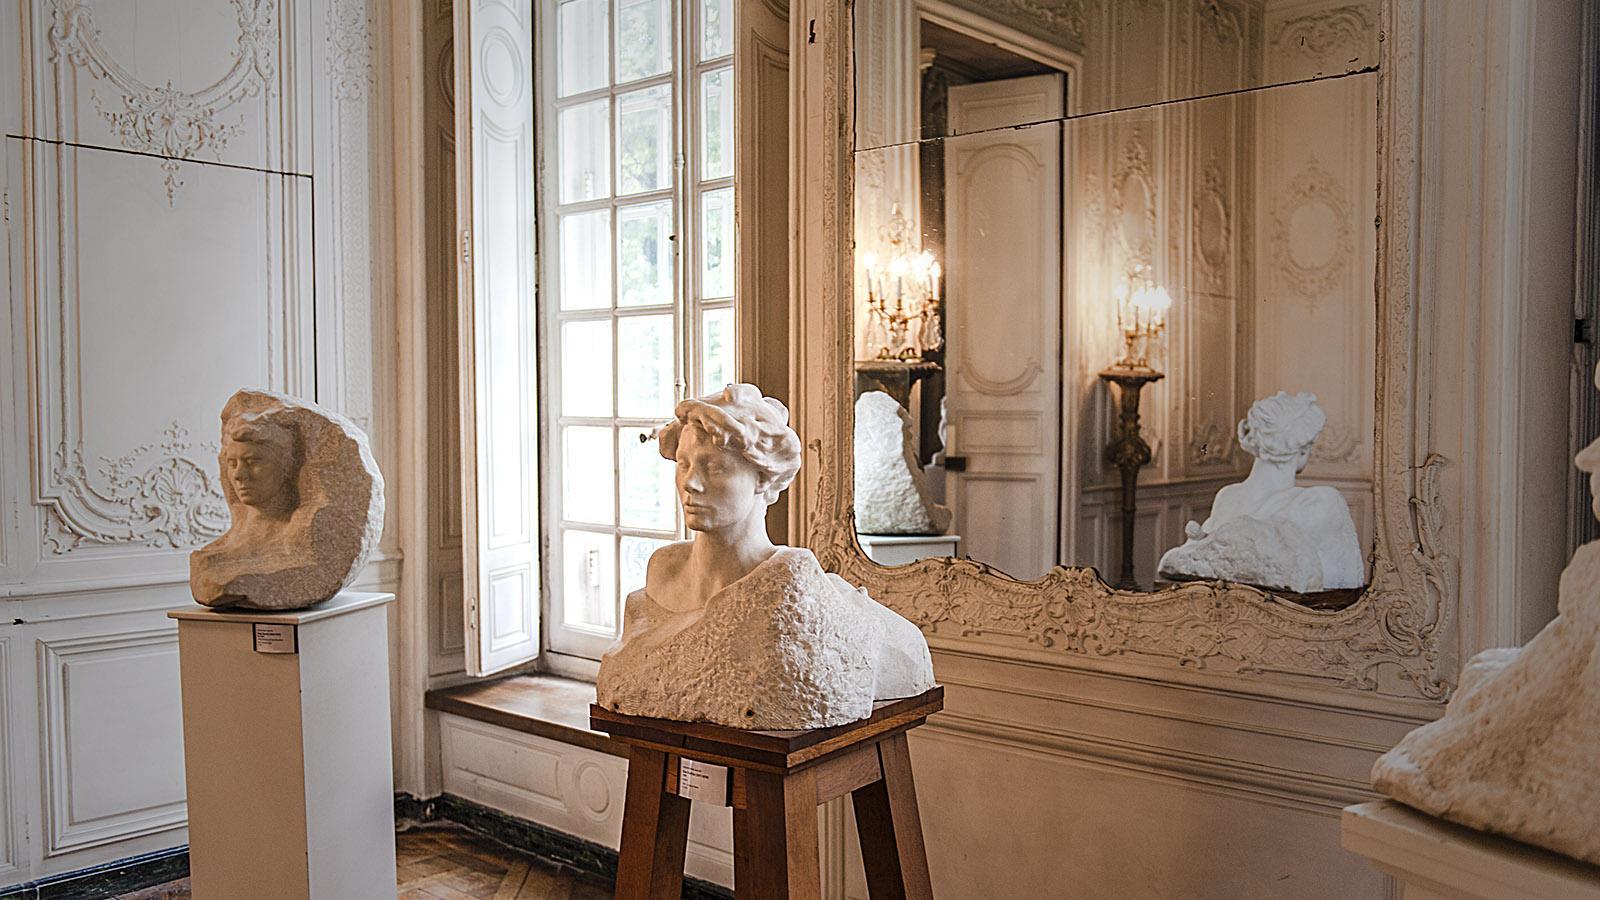 Großbürgerliche Interieurs und feinste Statuen von Rodin und seiner Muse Camille Claudel: Das Musée Rodin ist ein Gesamtkunstwerk! Foto: Hilke Maunder